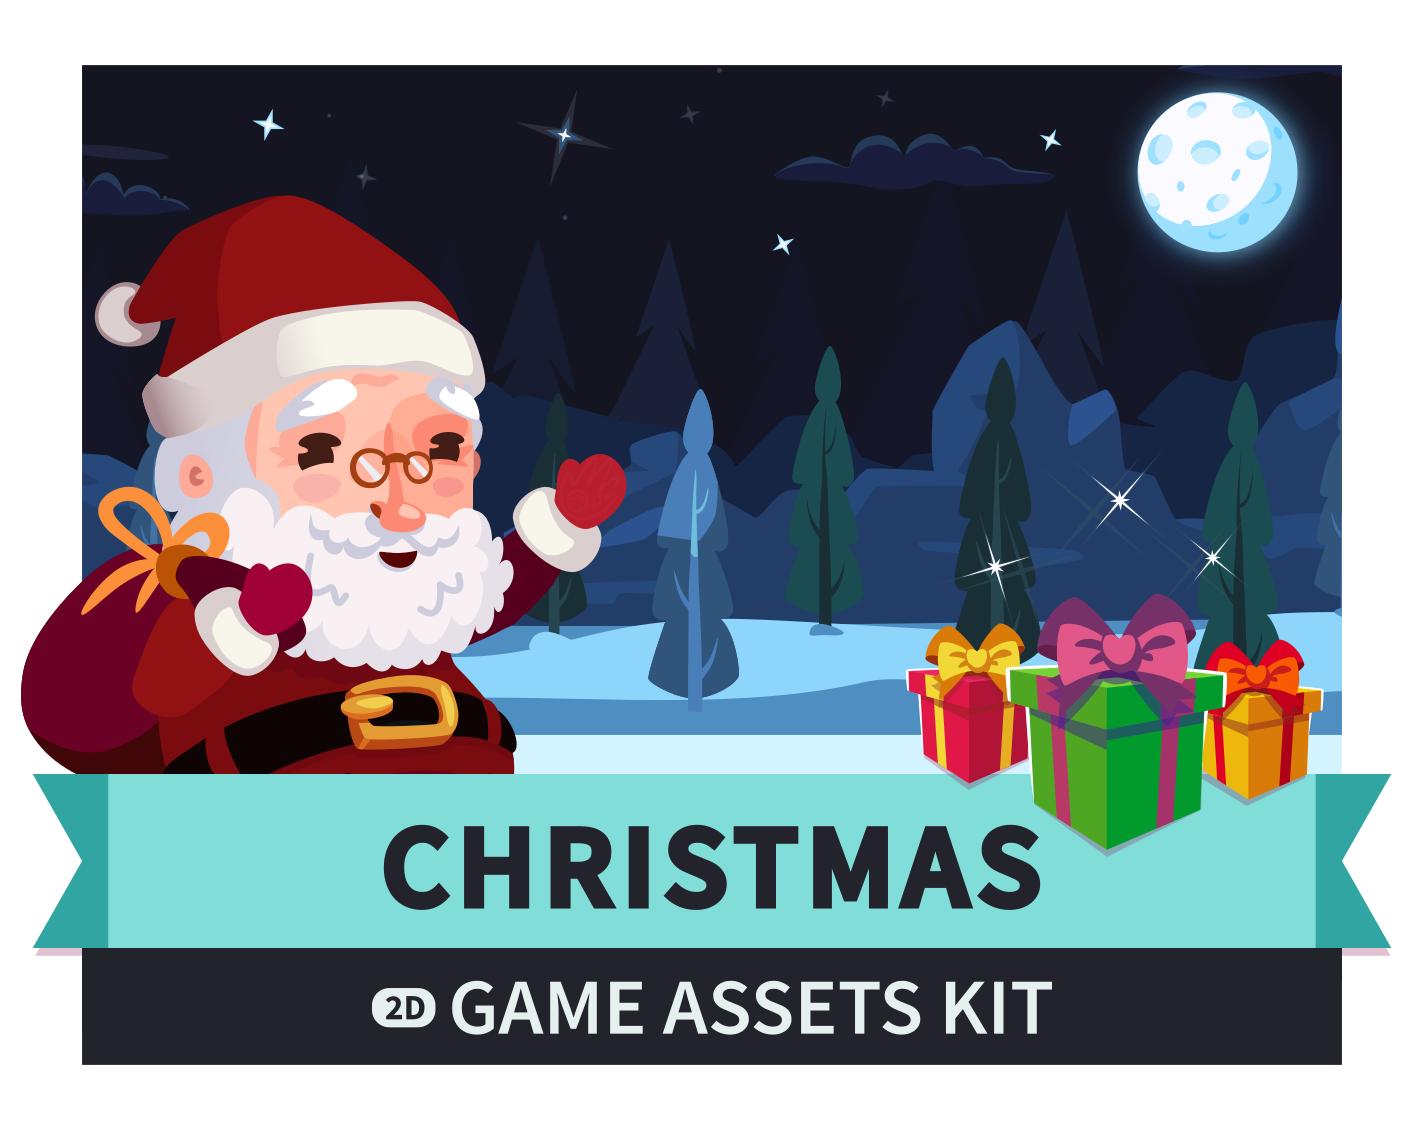 Christmas Game Assets Kit